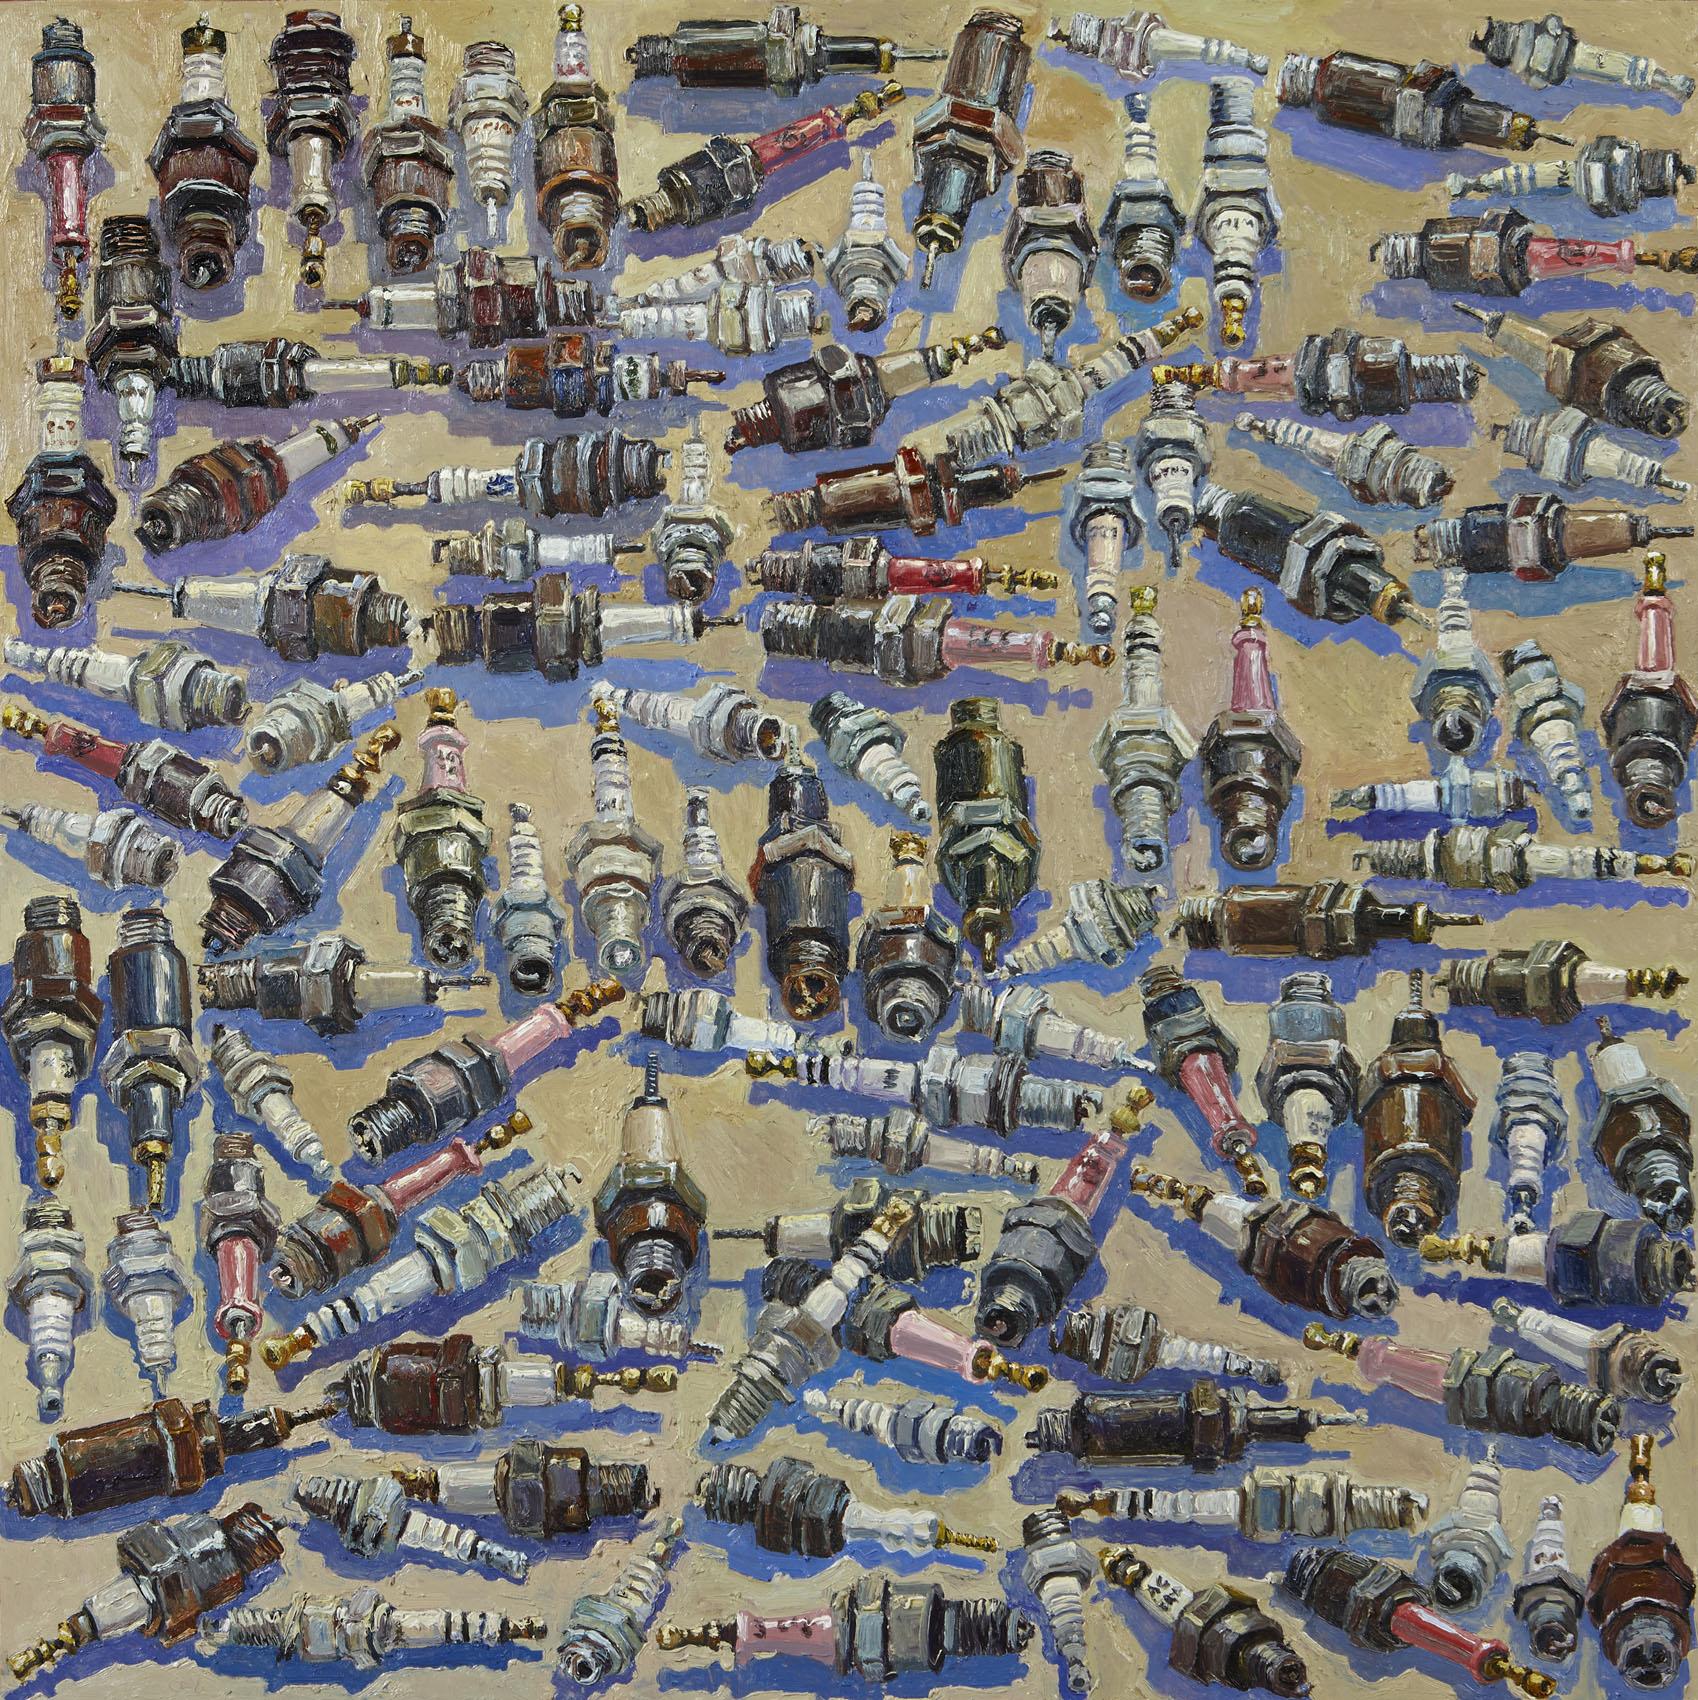 culliton_spark-plugs-2008-tc_lowres